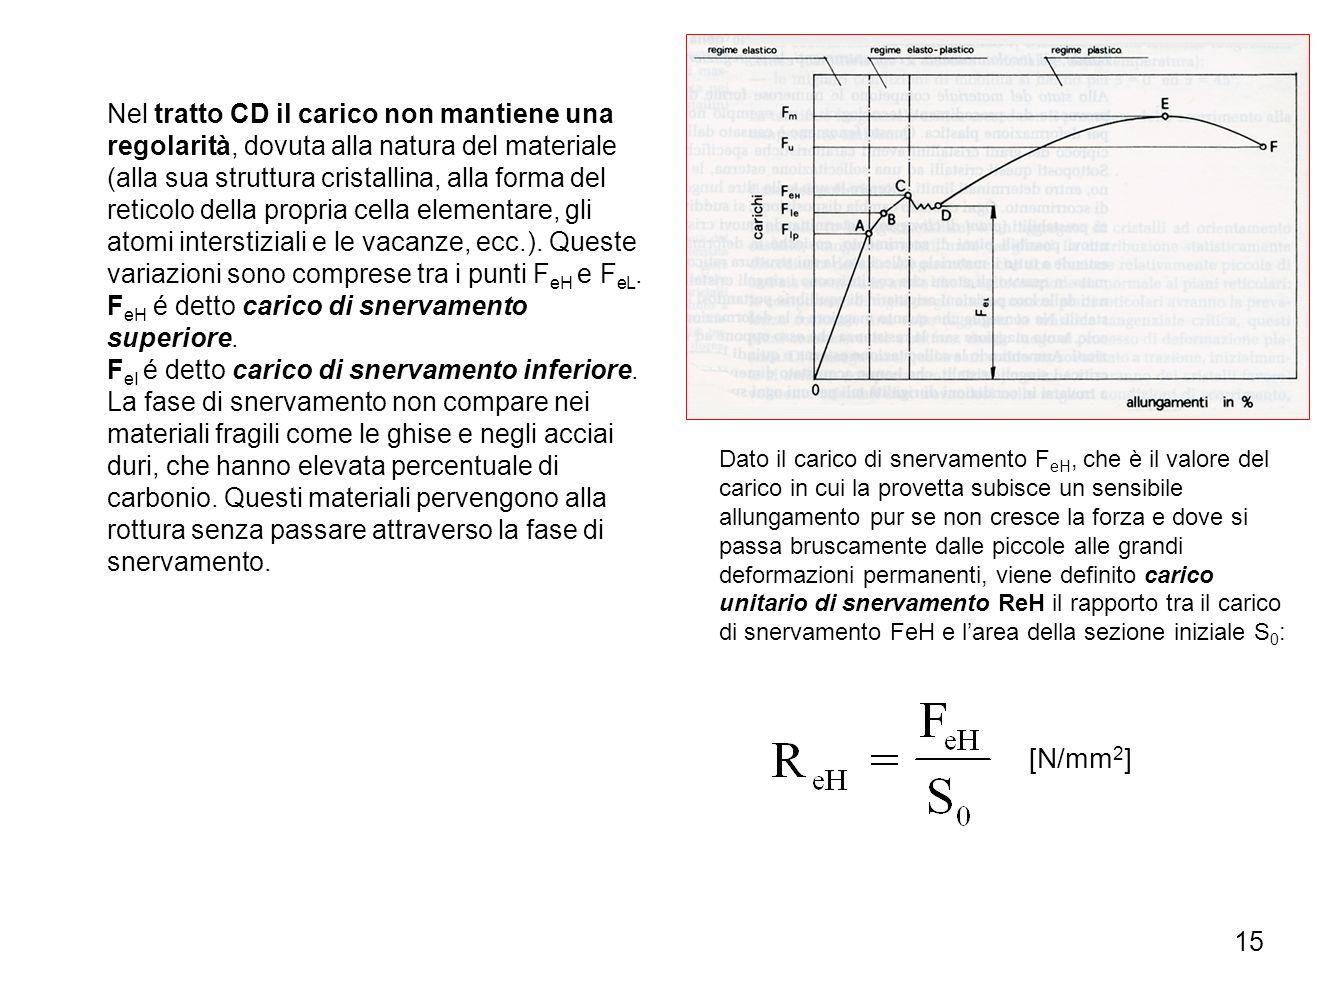 Nel tratto CD il carico non mantiene una regolarità, dovuta alla natura del materiale (alla sua struttura cristallina, alla forma del reticolo della propria cella elementare, gli atomi interstiziali e le vacanze, ecc.). Queste variazioni sono comprese tra i punti FeH e FeL.